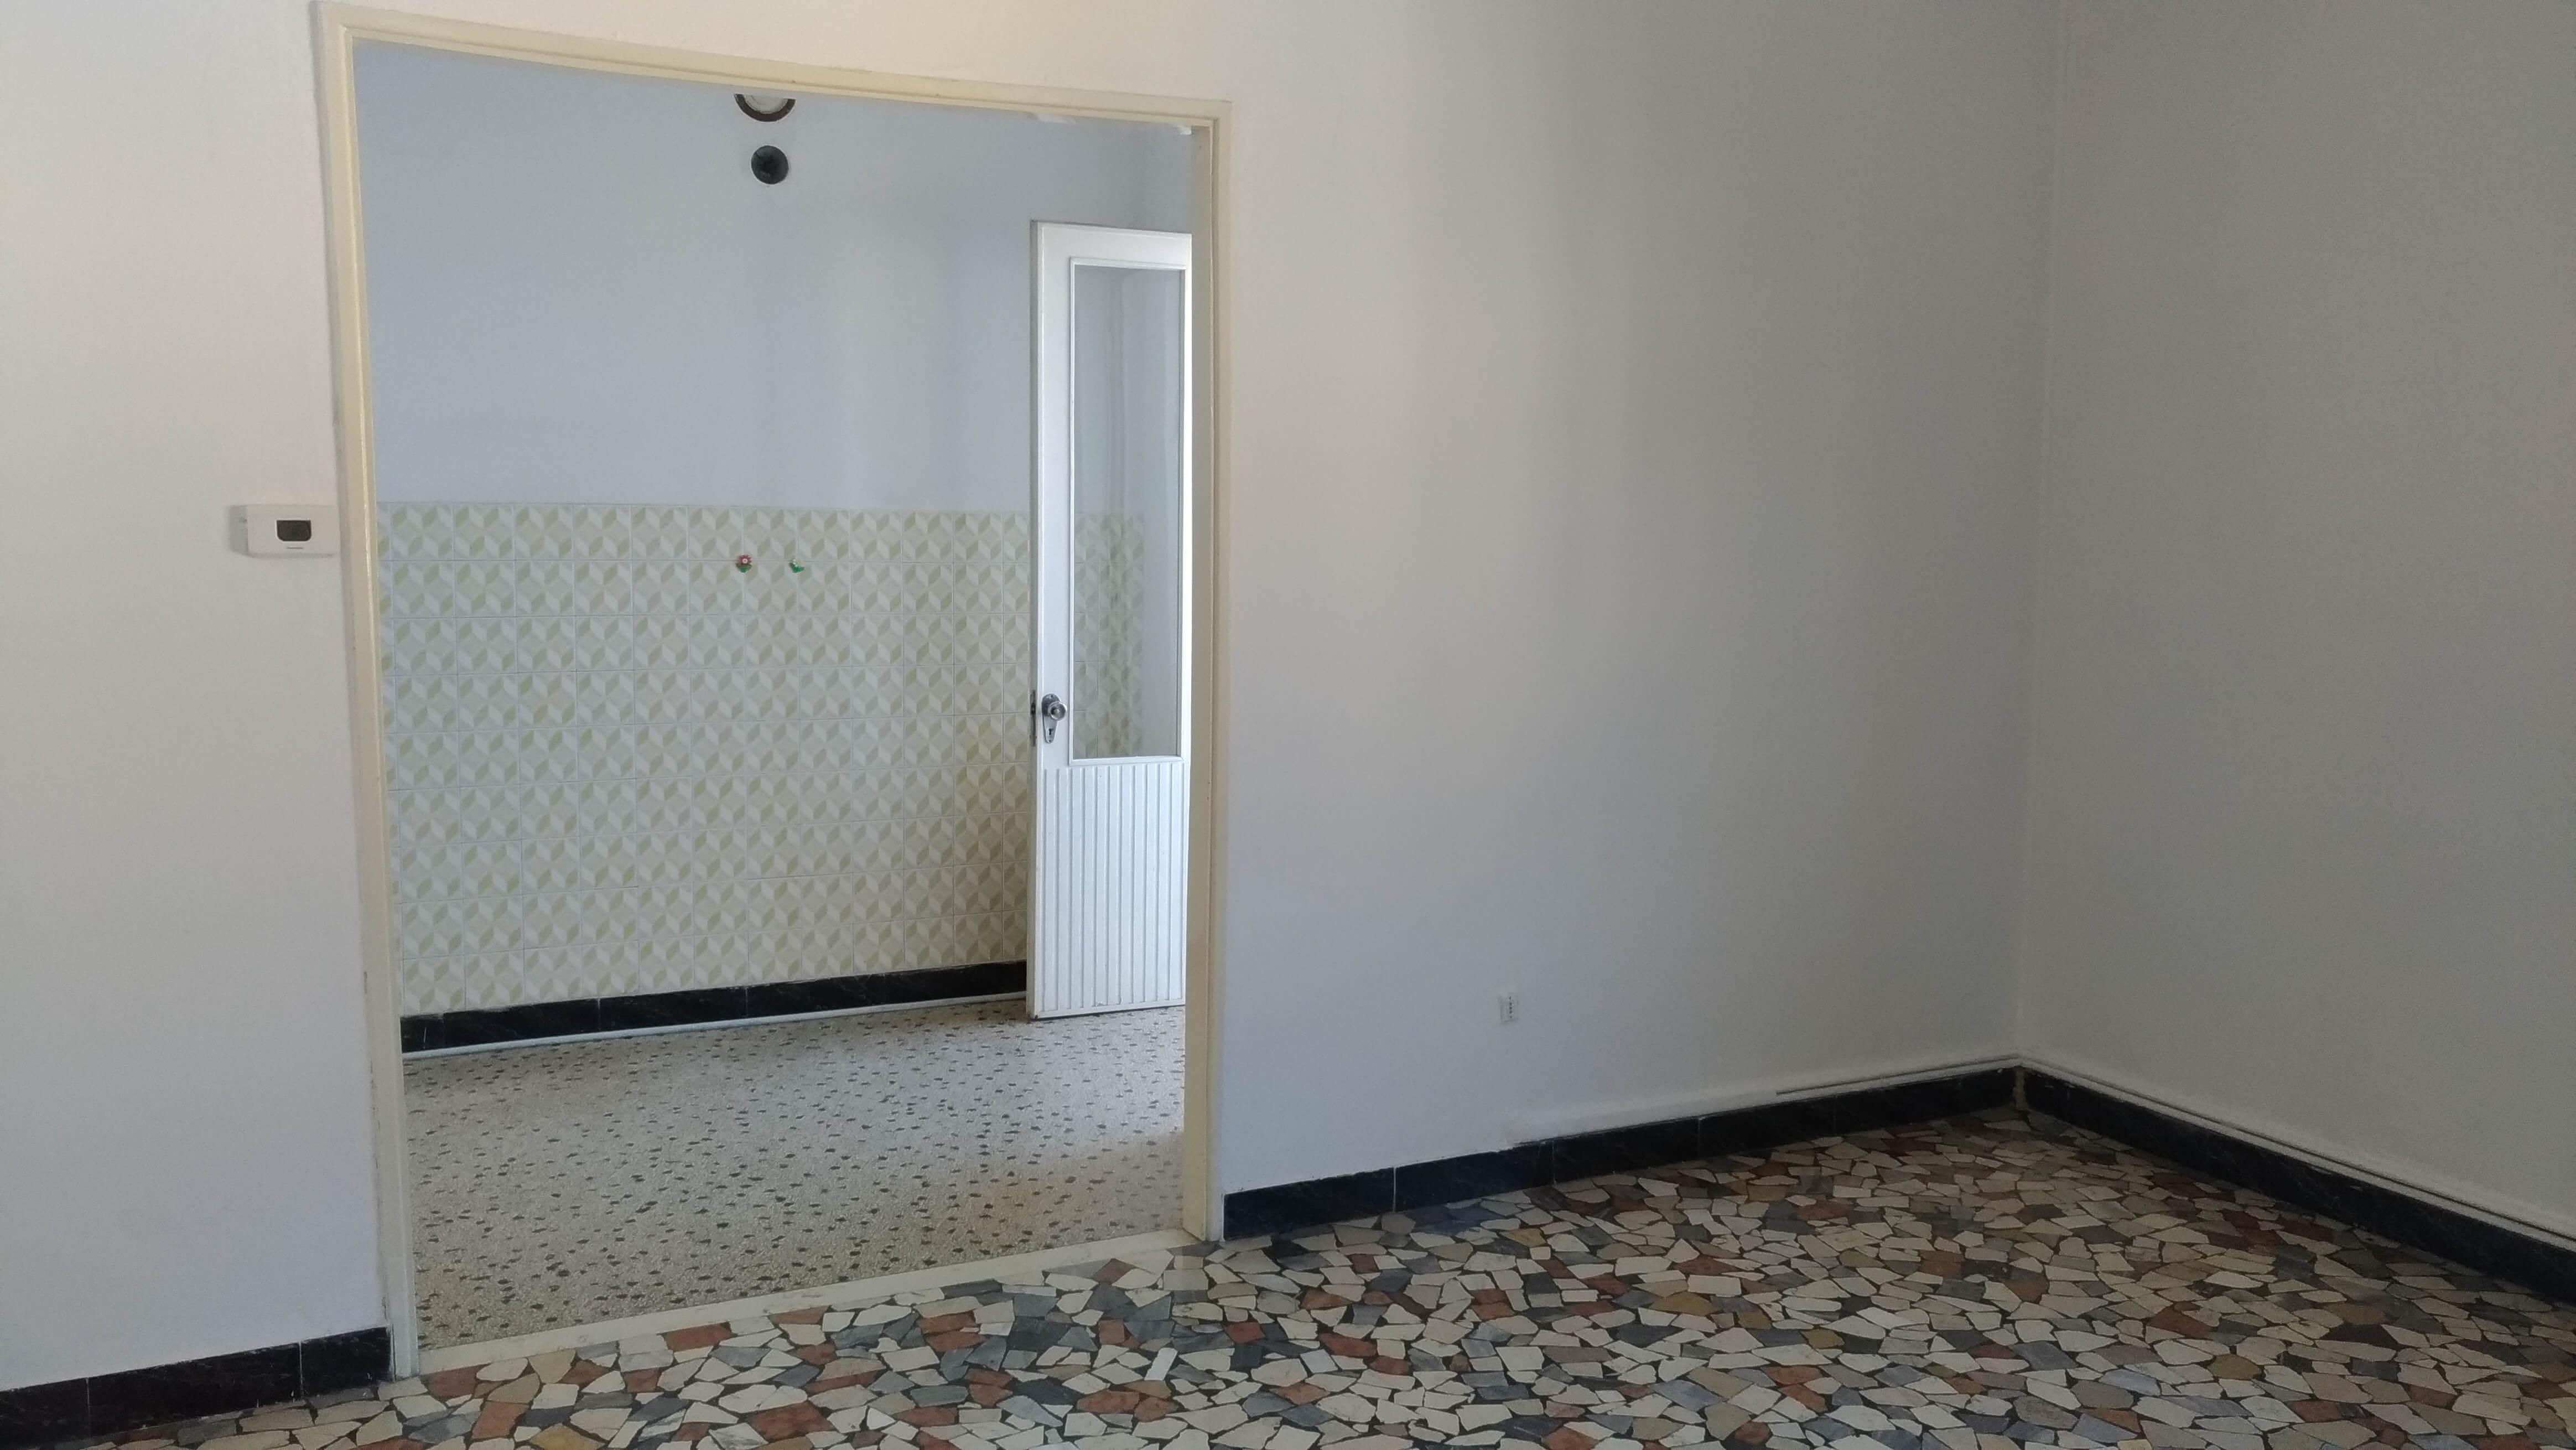 Zona residenziale San Giuseppe di Cassola, Bicamere piano primo